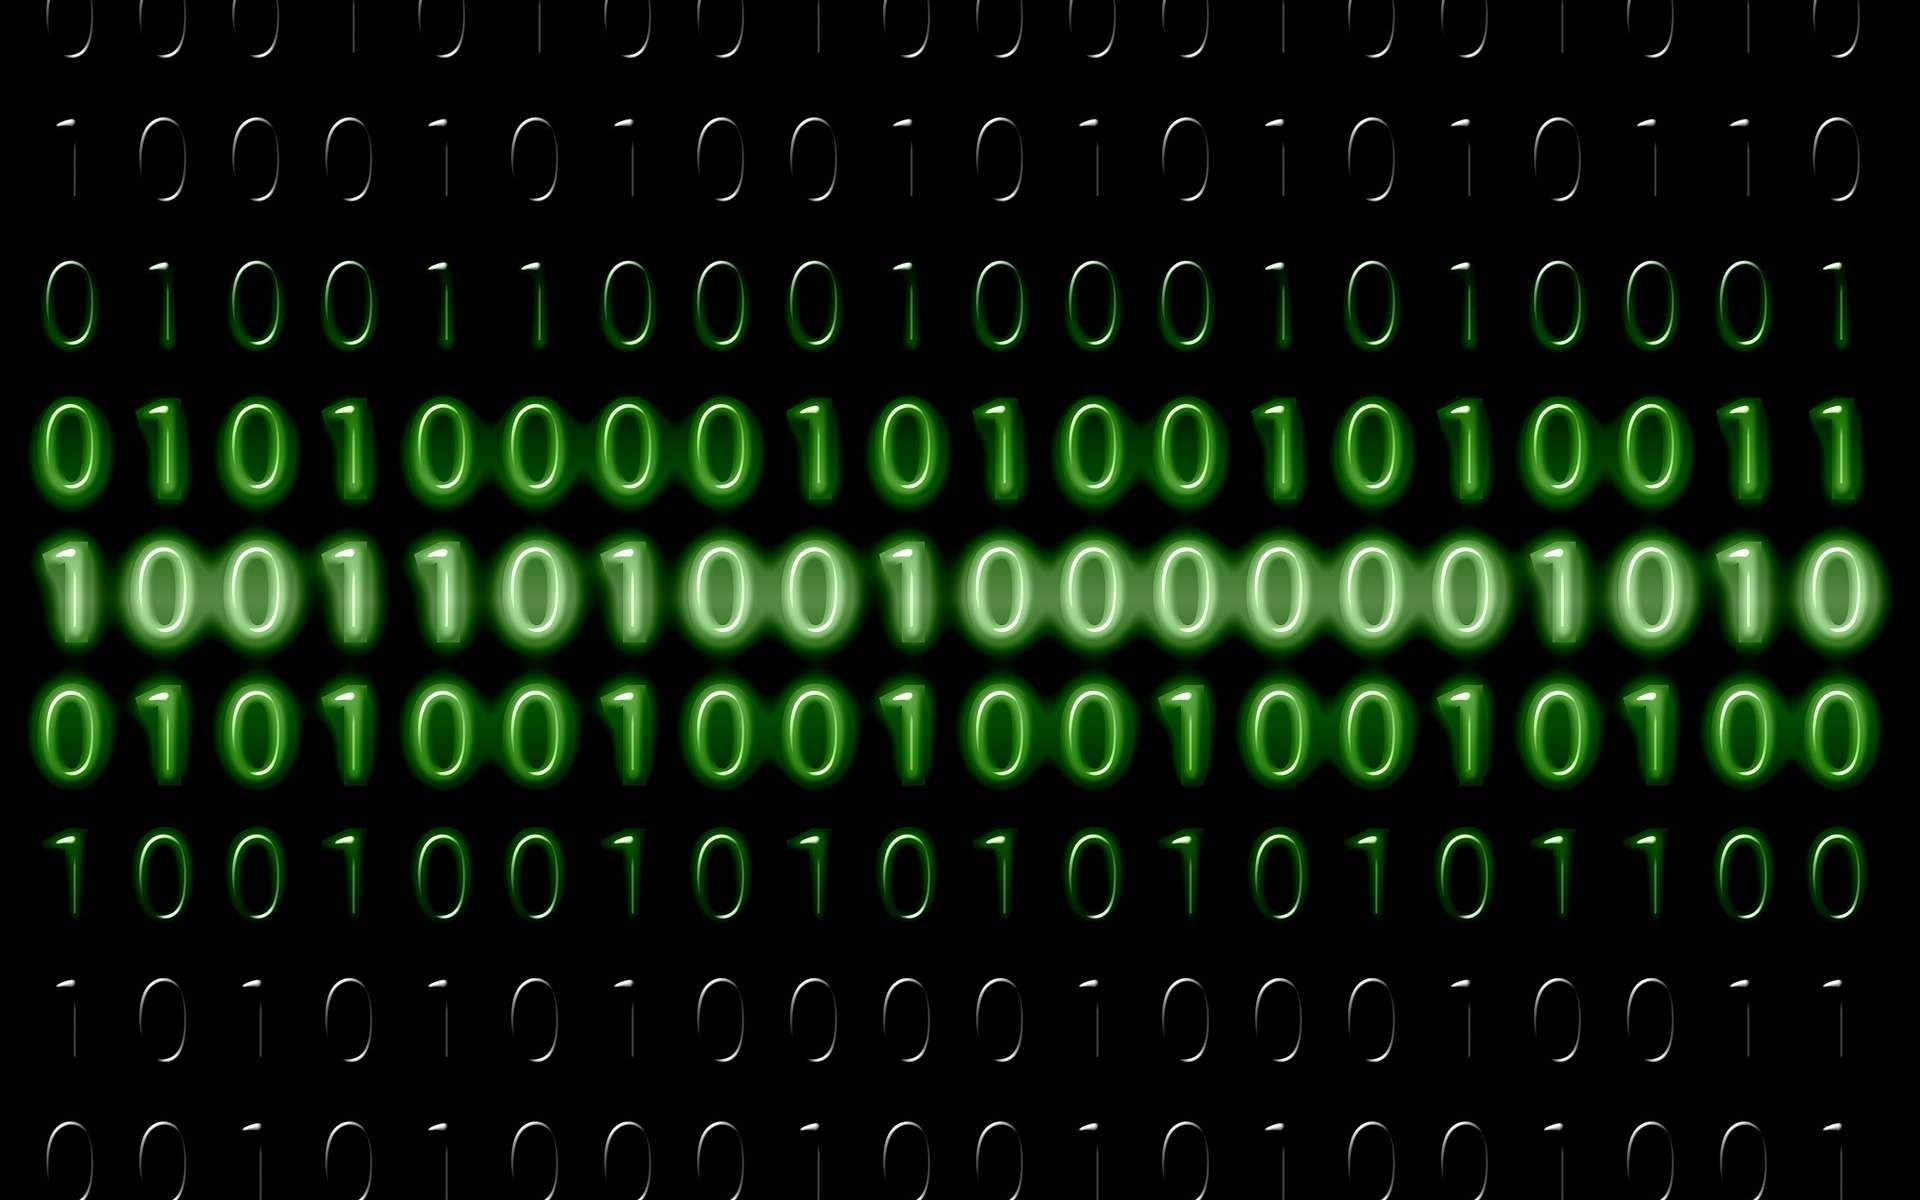 Des chercheurs ont trouvé un concept pour coder des informations dans des molécules artificielles. © Gerd Altmann, Pixabay